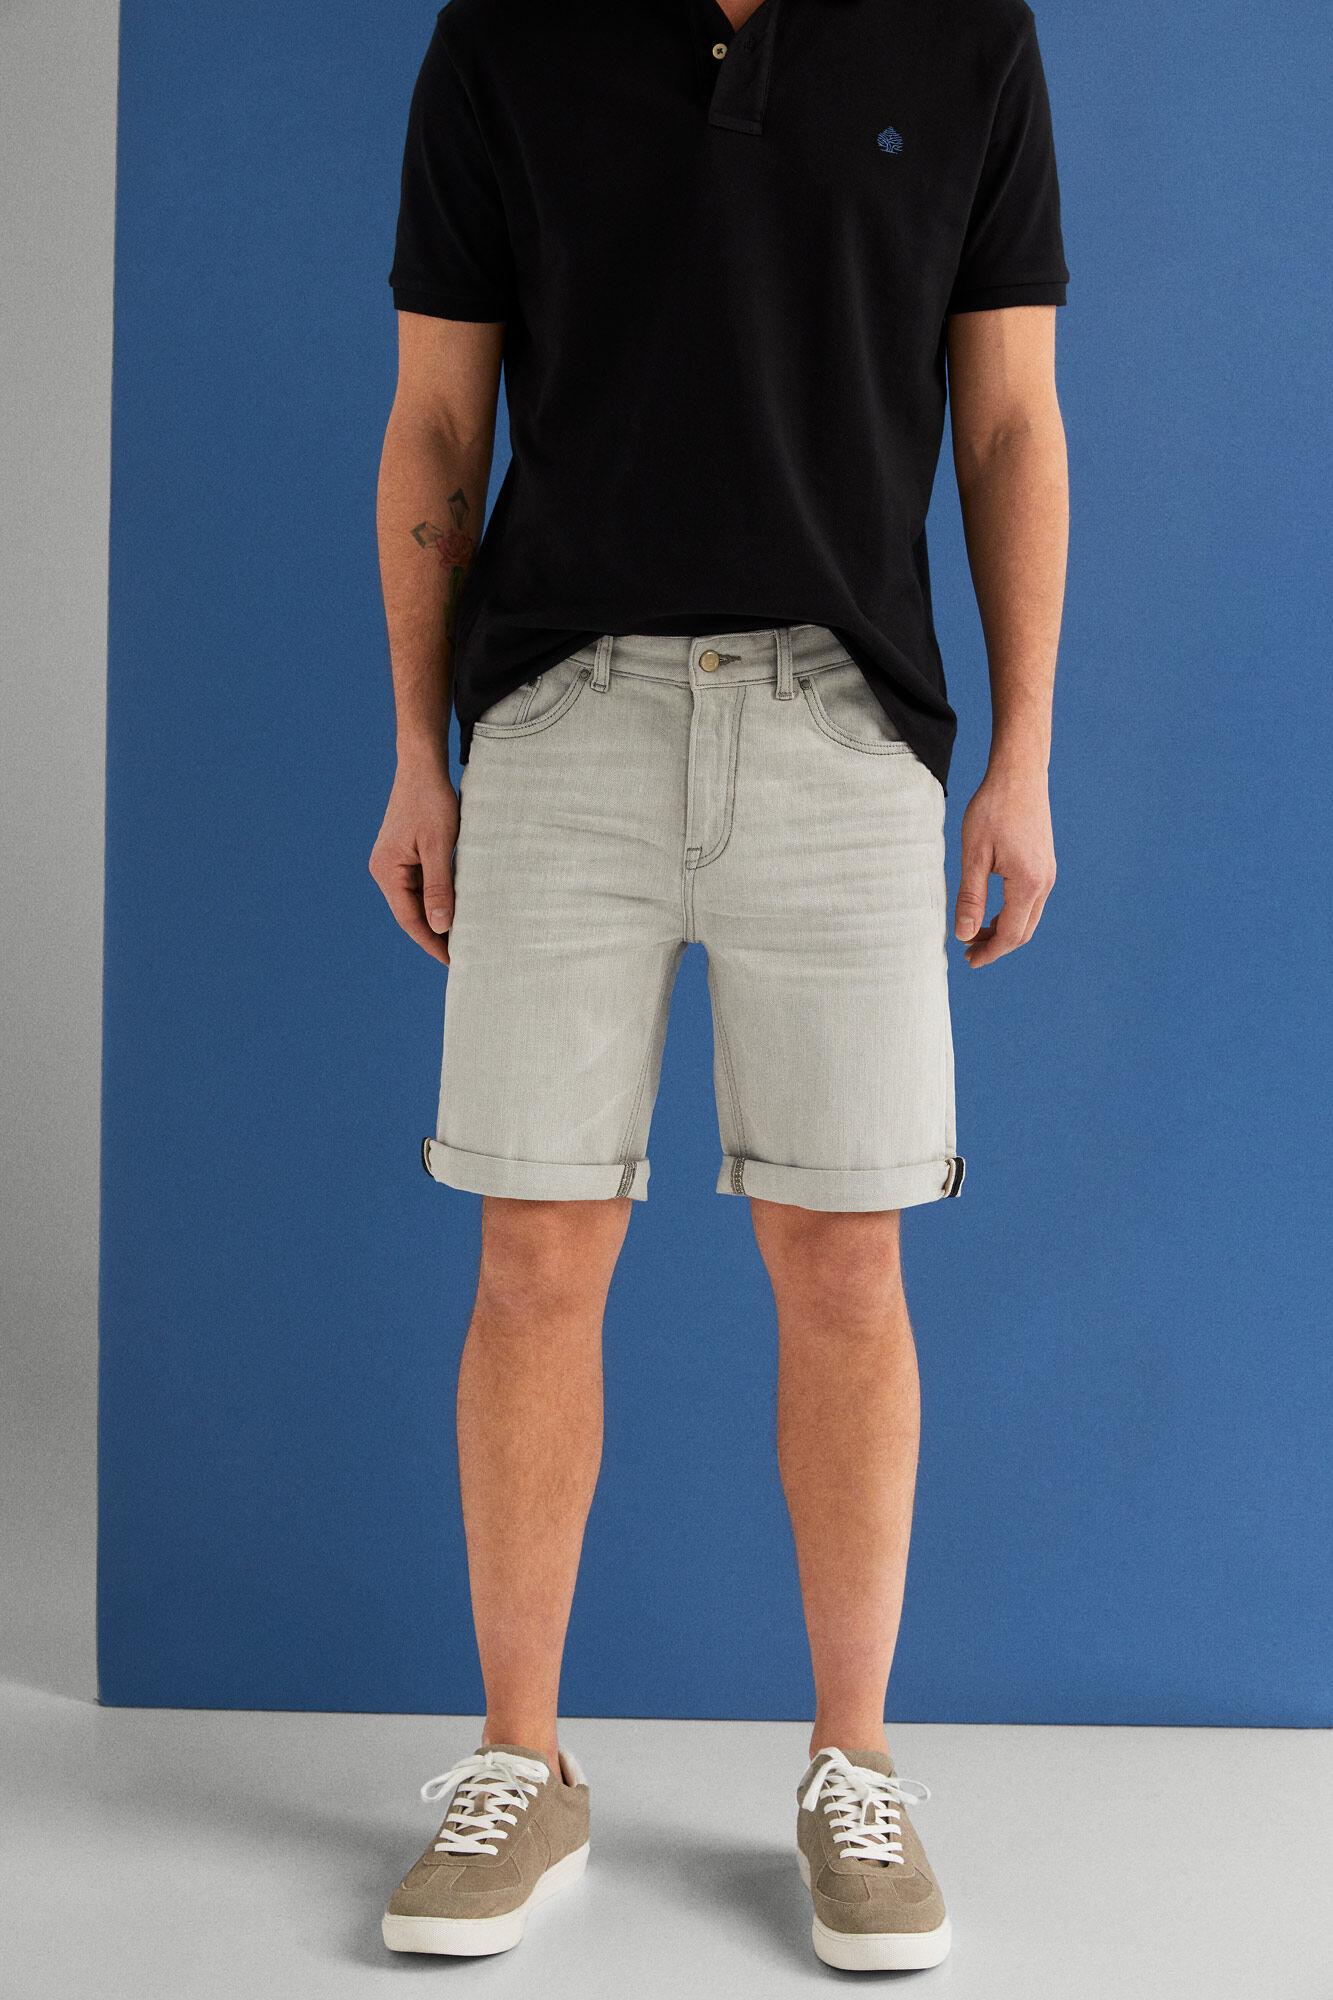 e3b7622795 Springfield Grey regular fit vintage Bermuda shorts light wash denim light  gray